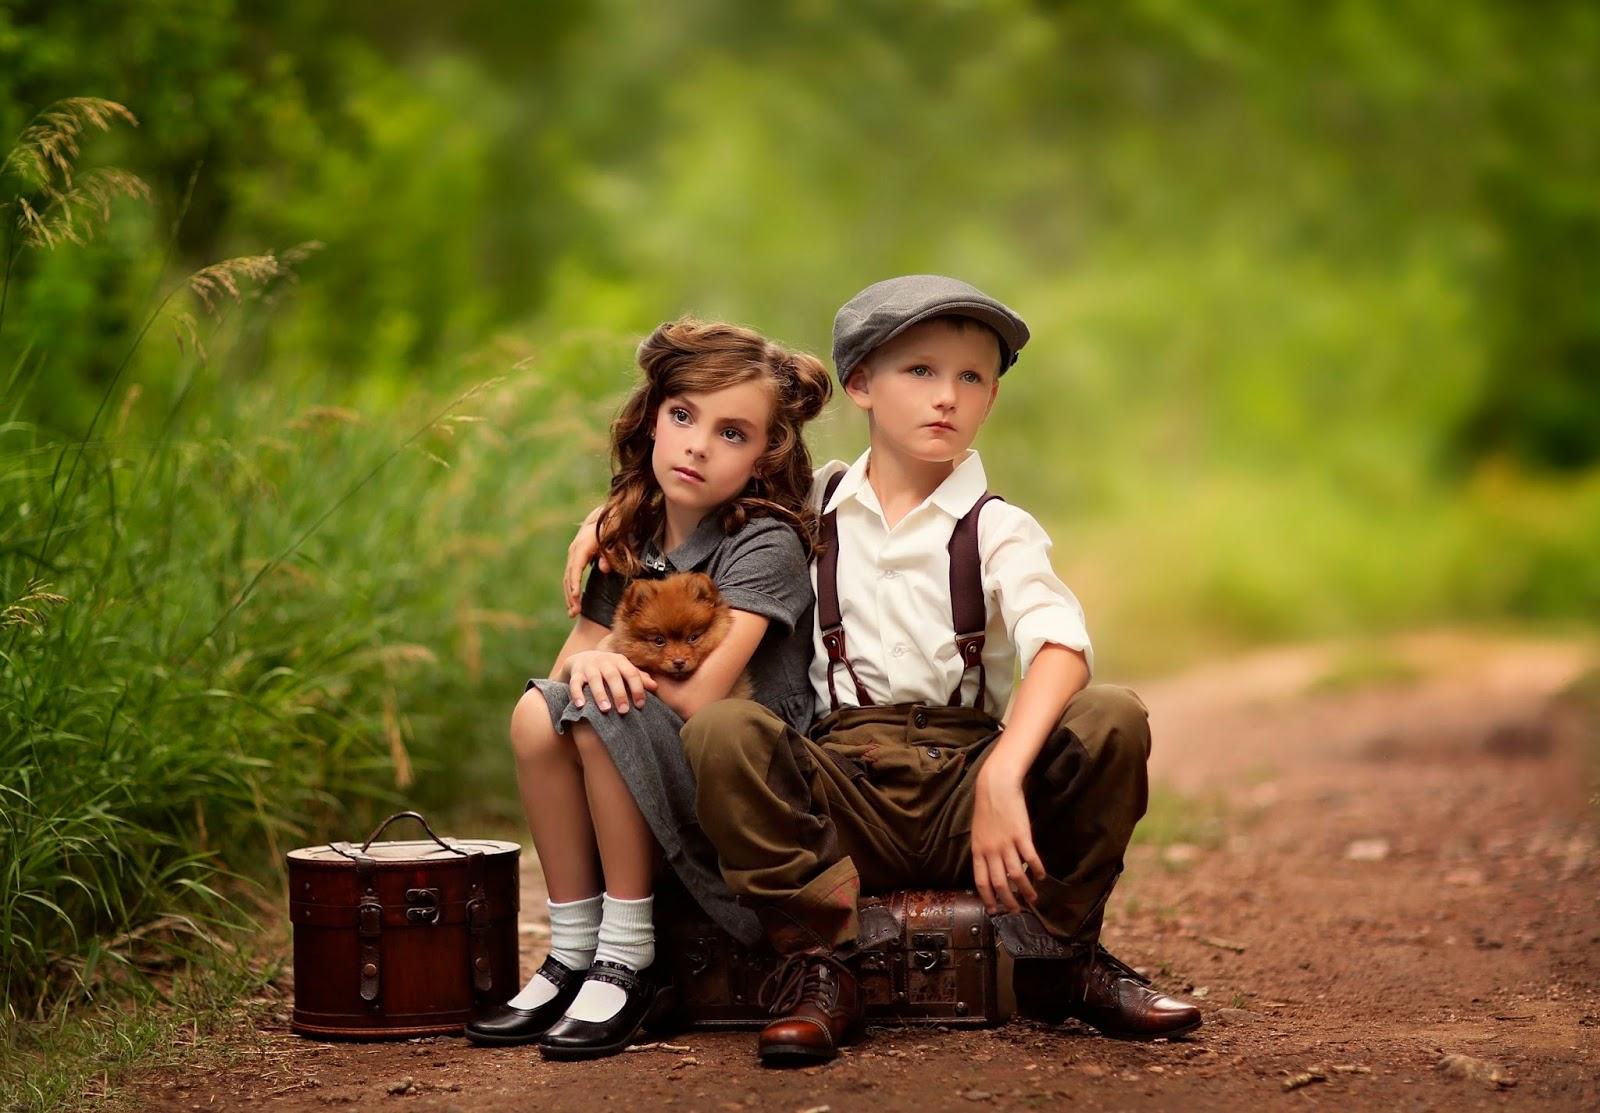 Гогунскии Горизонтальная девочка с мальчиком в лесу фильм отправки